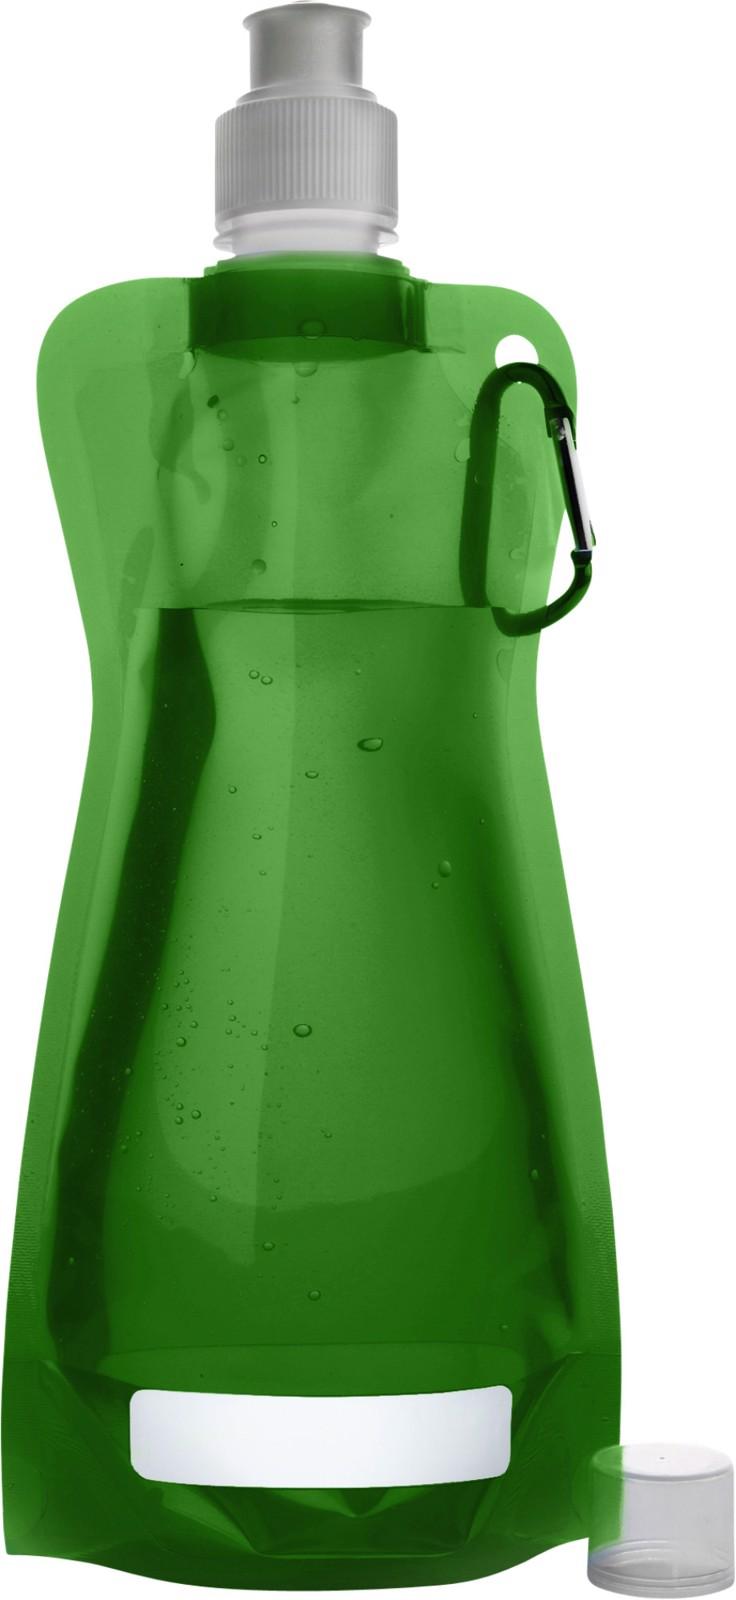 PP bottle - Green